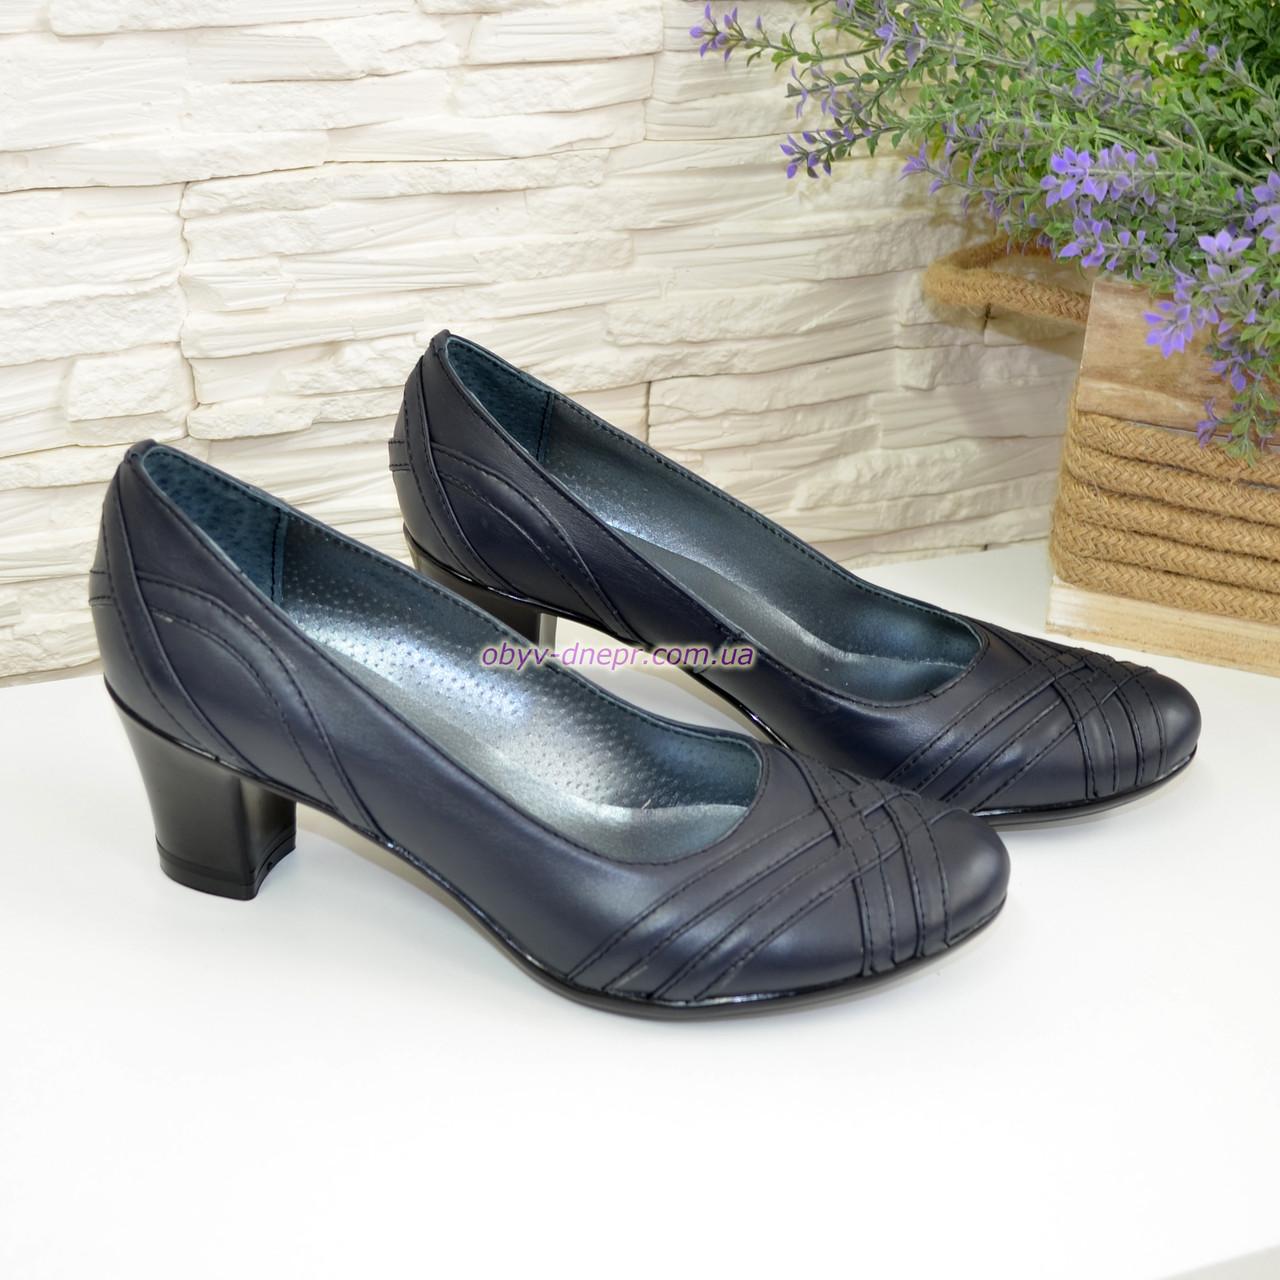 Туфли женские кожаные на каблуке с плетением, цвет синий